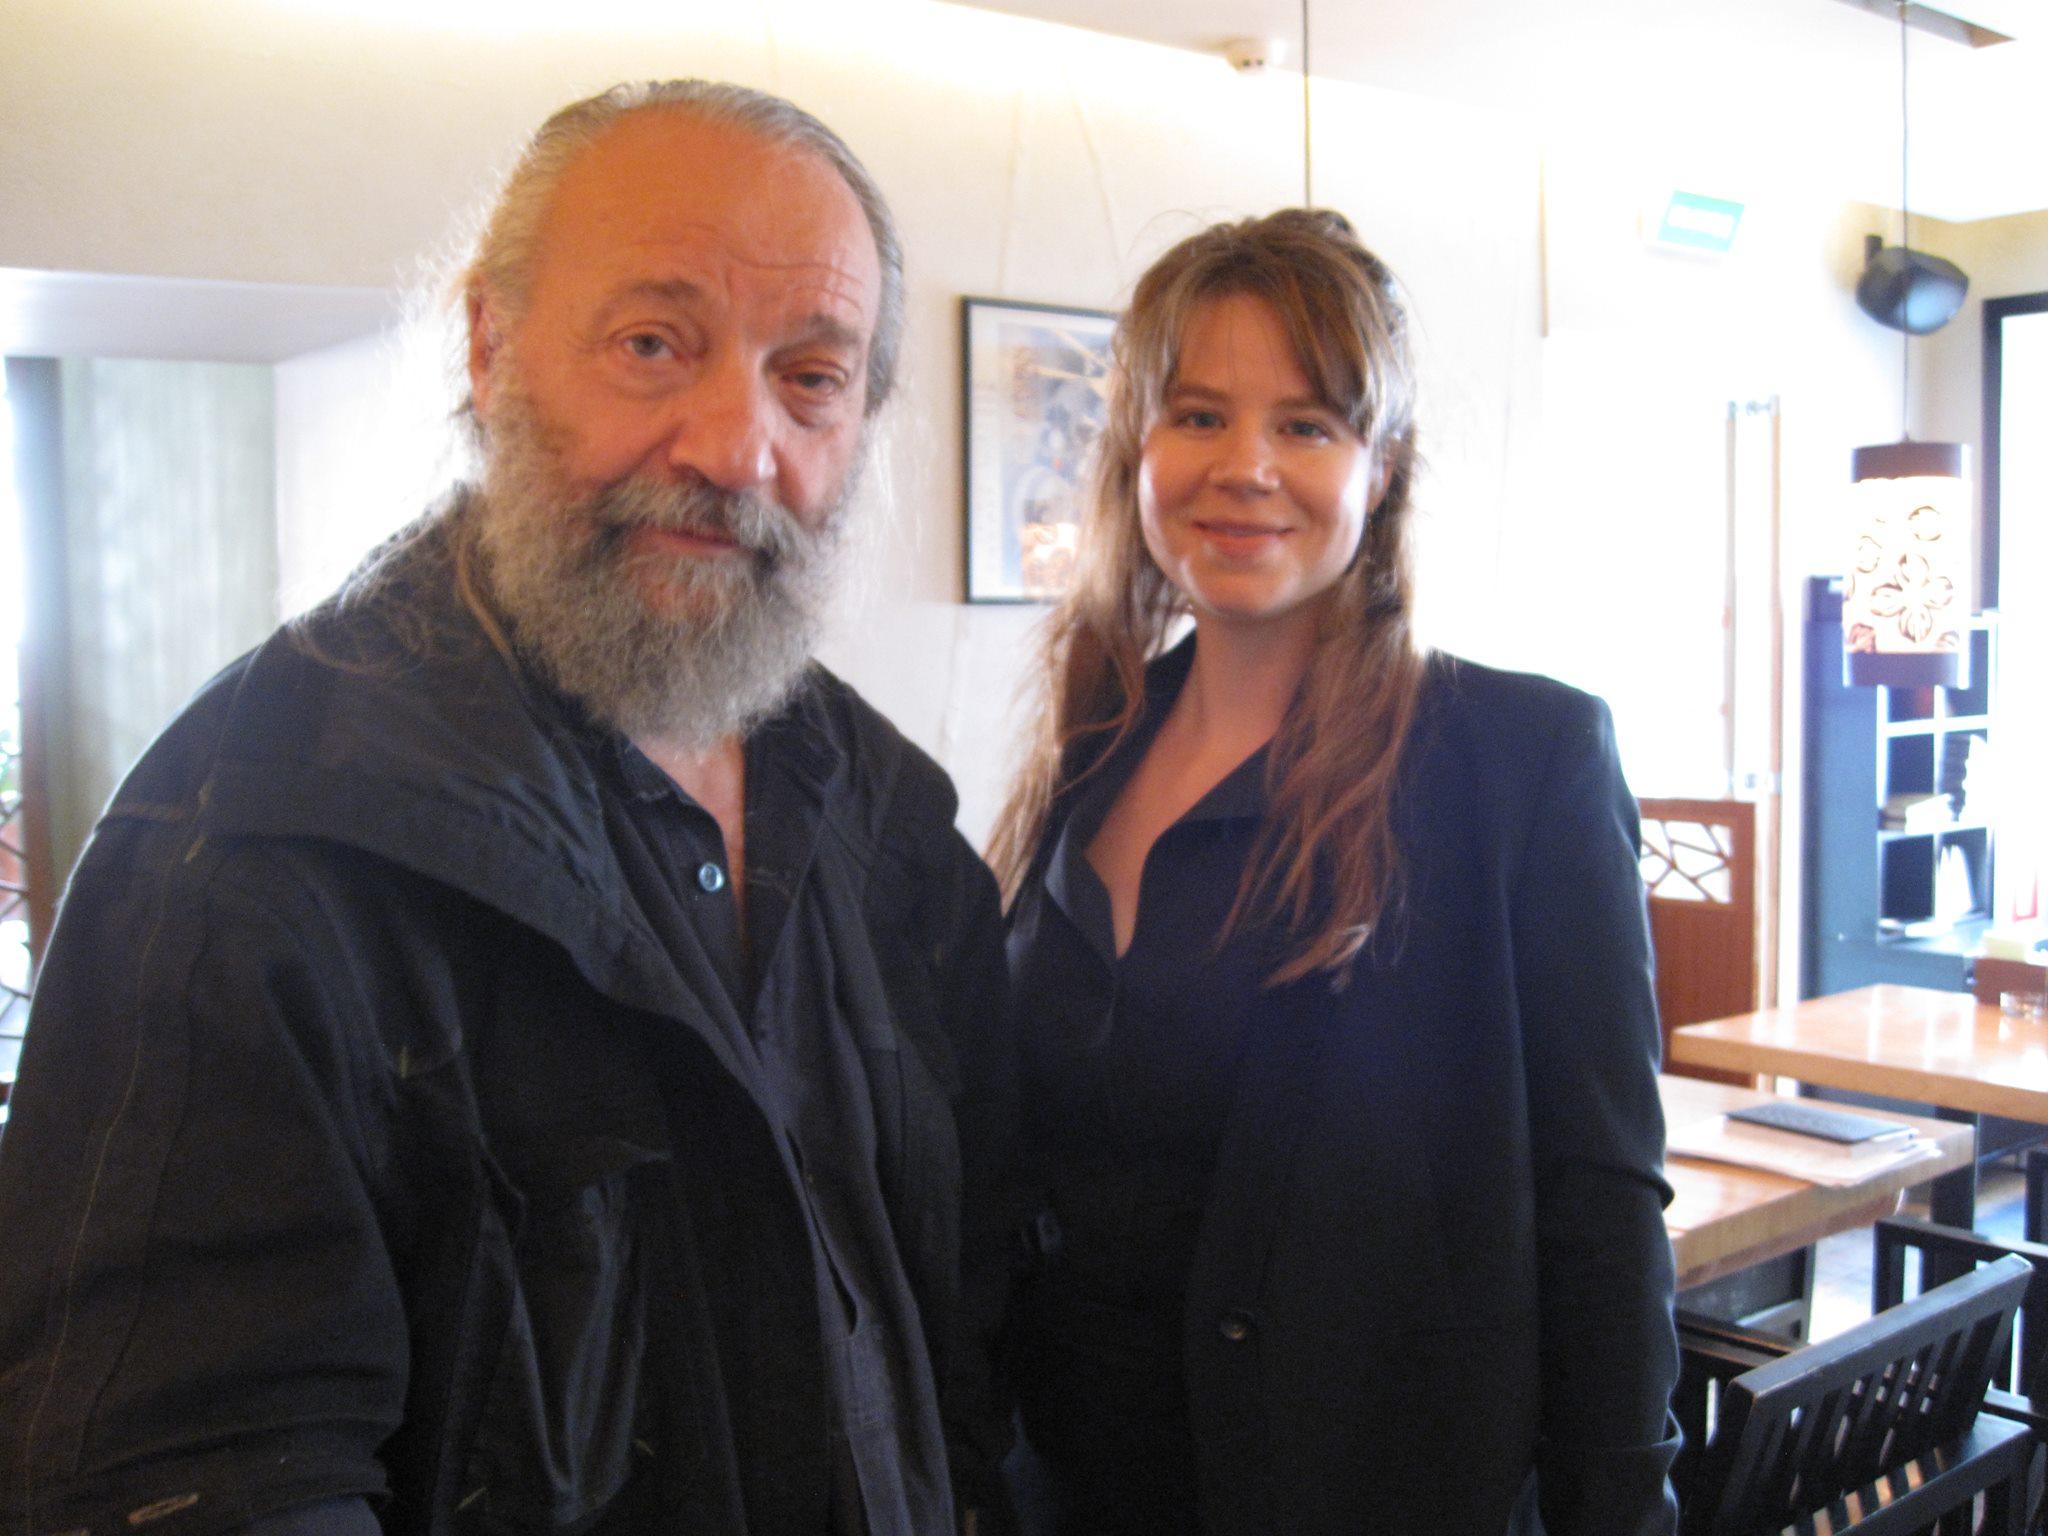 Anatoly Vasiliev and Susanna Weygandt